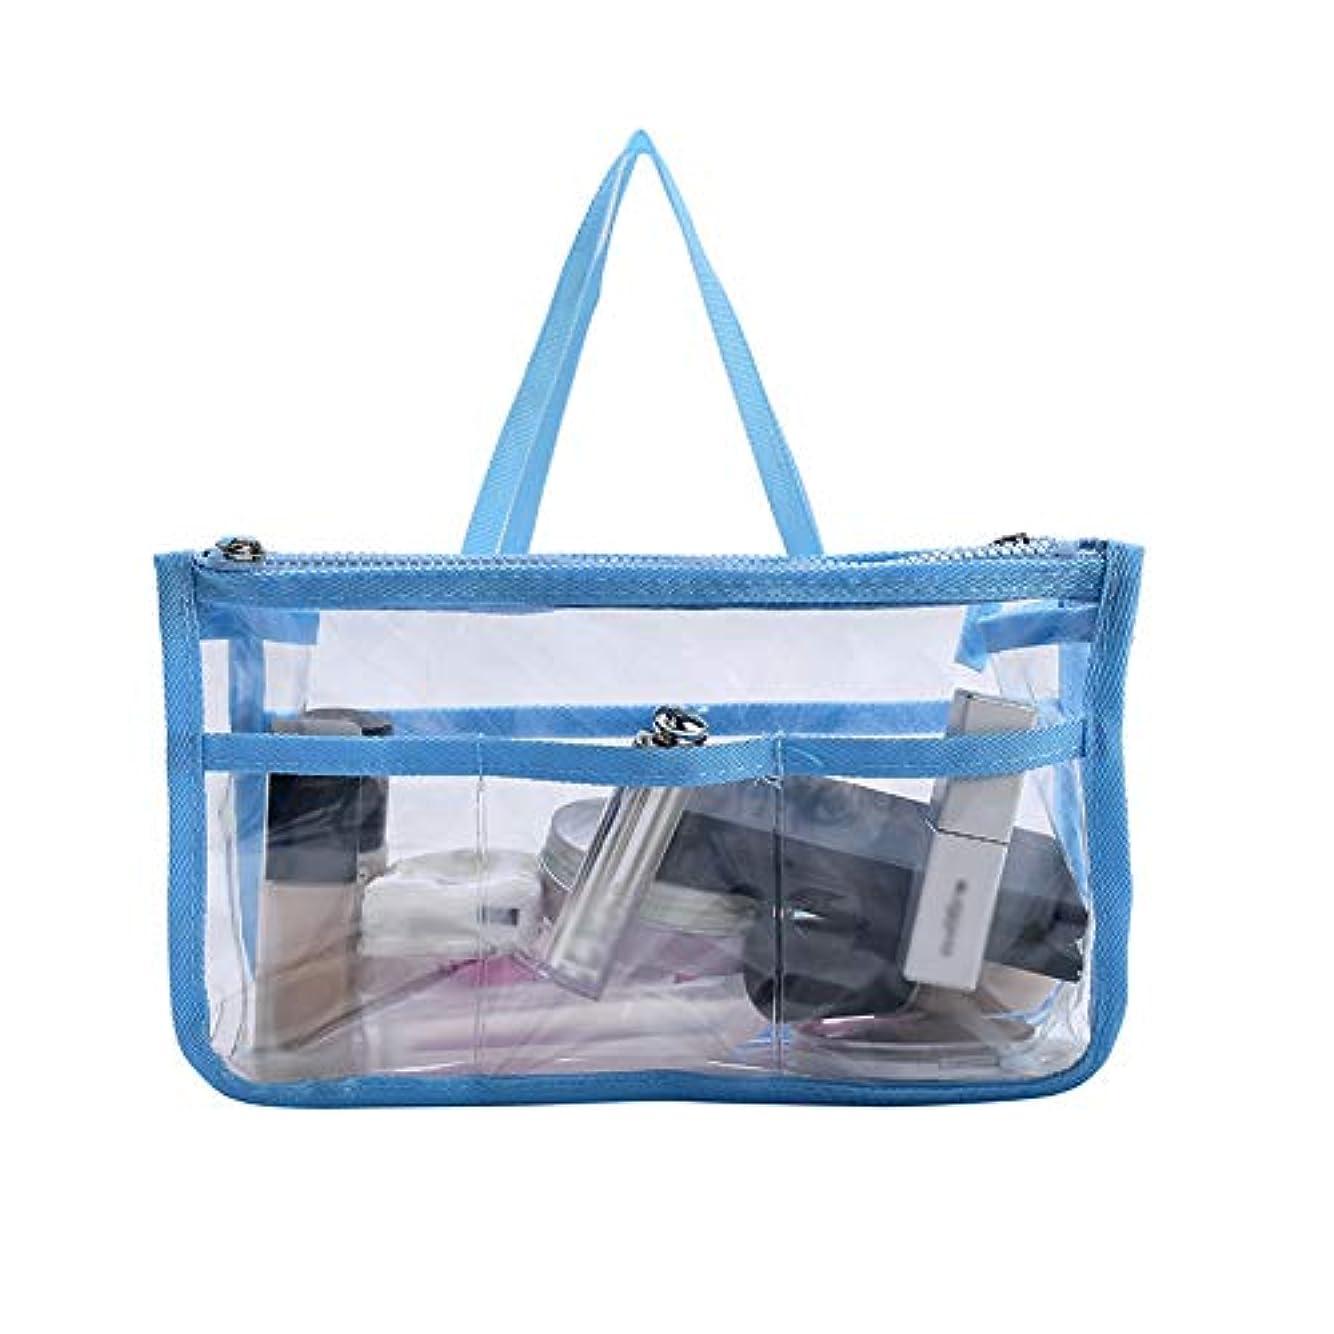 地味な潮なだめる透明旅行化粧品袋美容師ウォッシュバッグ新しいシンプルなファッション収納袋寝室のバスルーム男性と女性,Blue